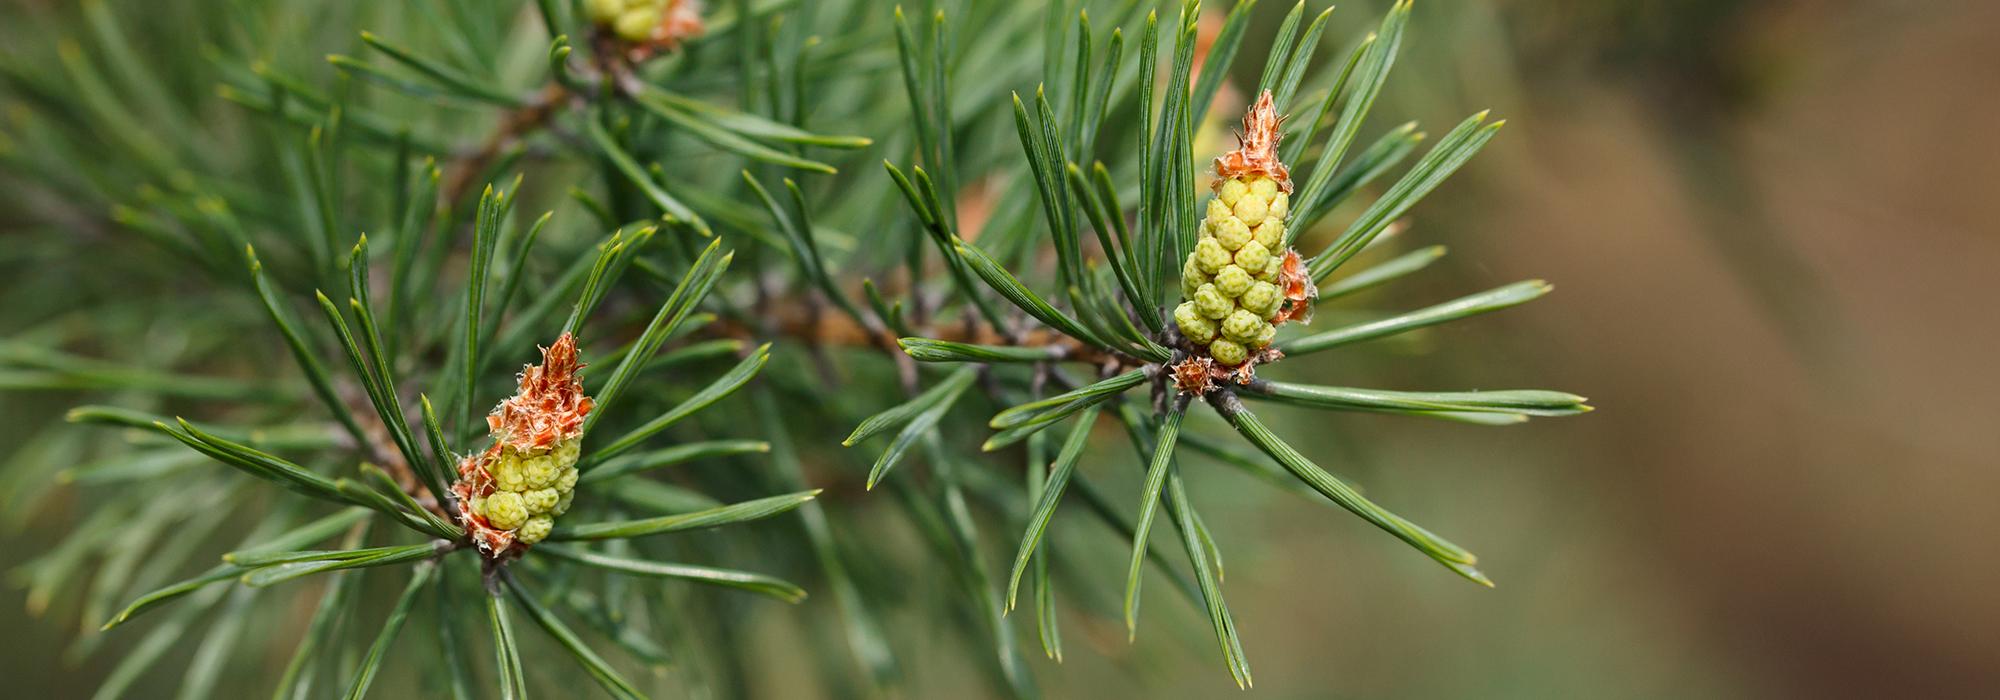 SLIDE2-pine